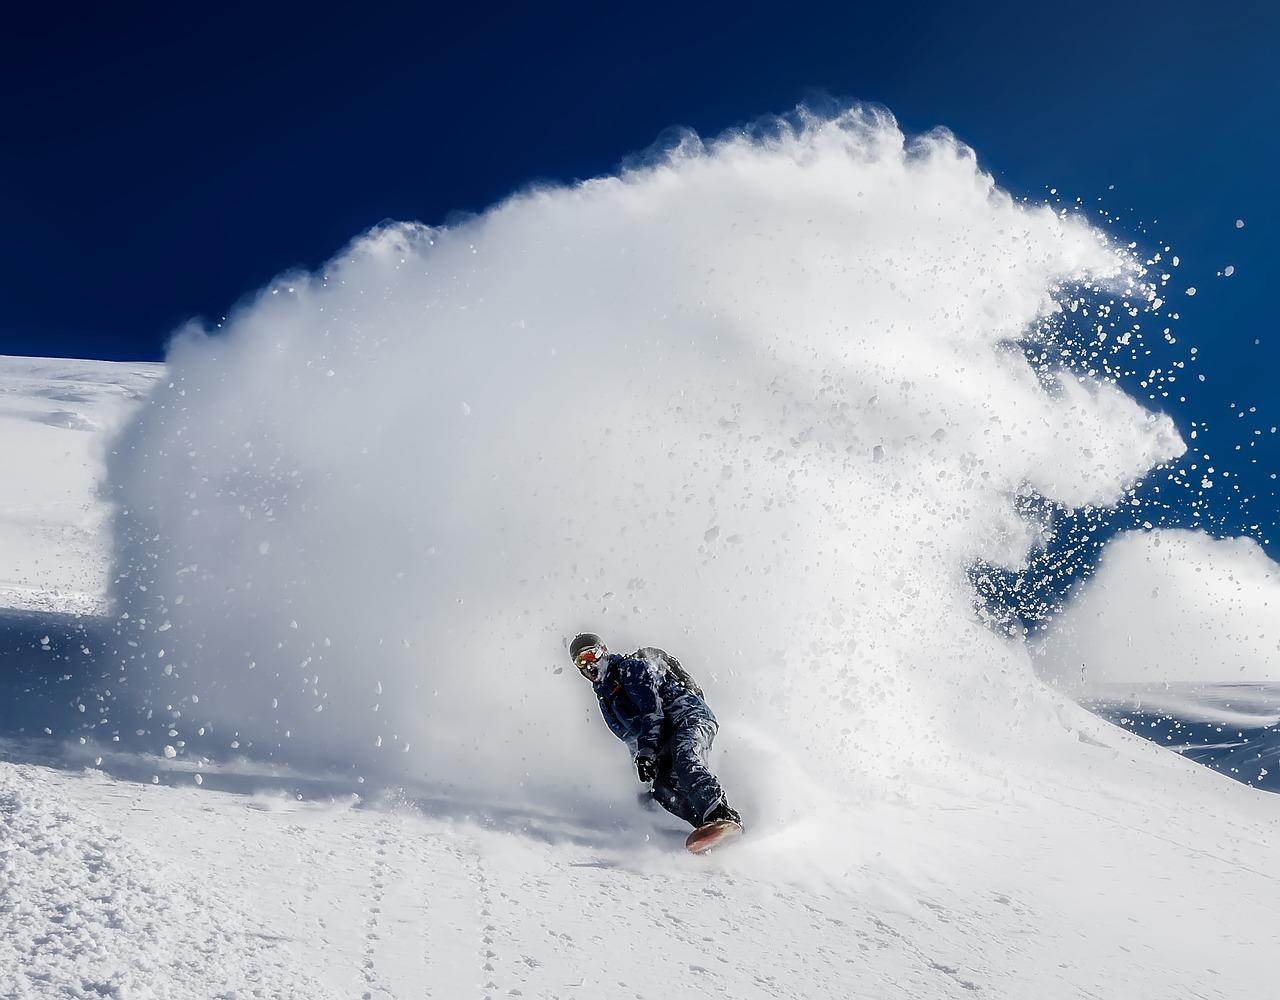 Snowboarder effectuant un virage dans la poudreuse